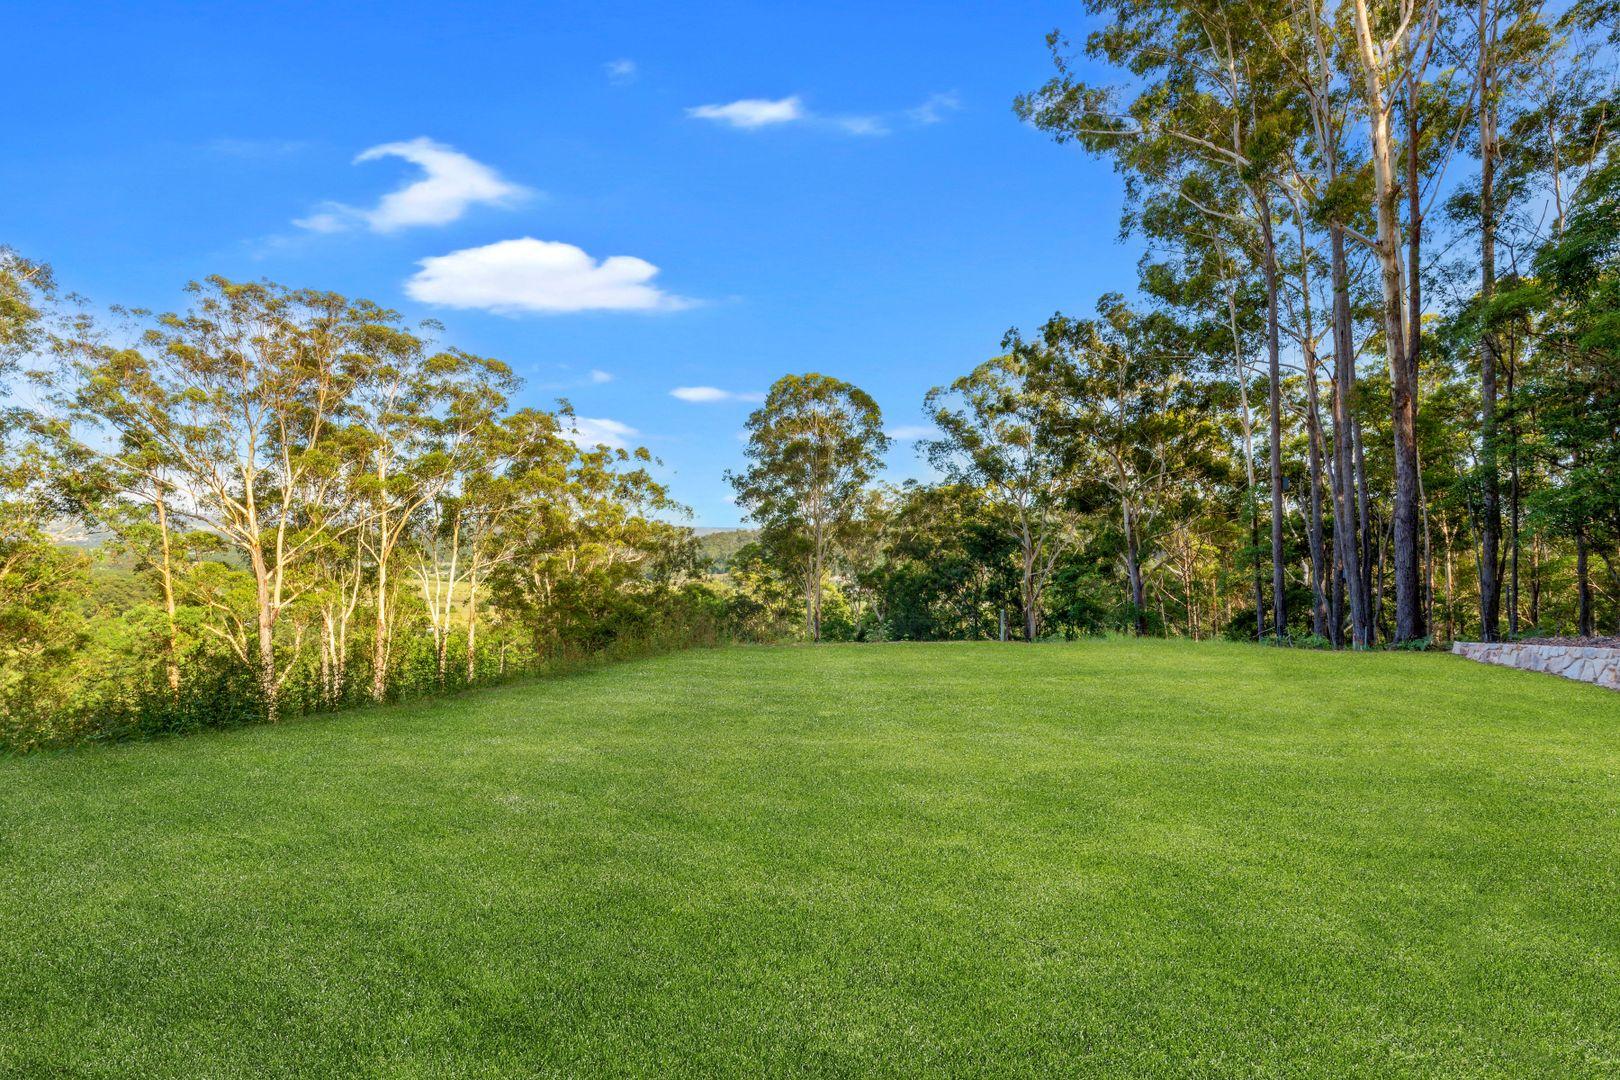 Lot 32/105-113 Upper Rosemount Road, Rosemount QLD 4560, Image 2